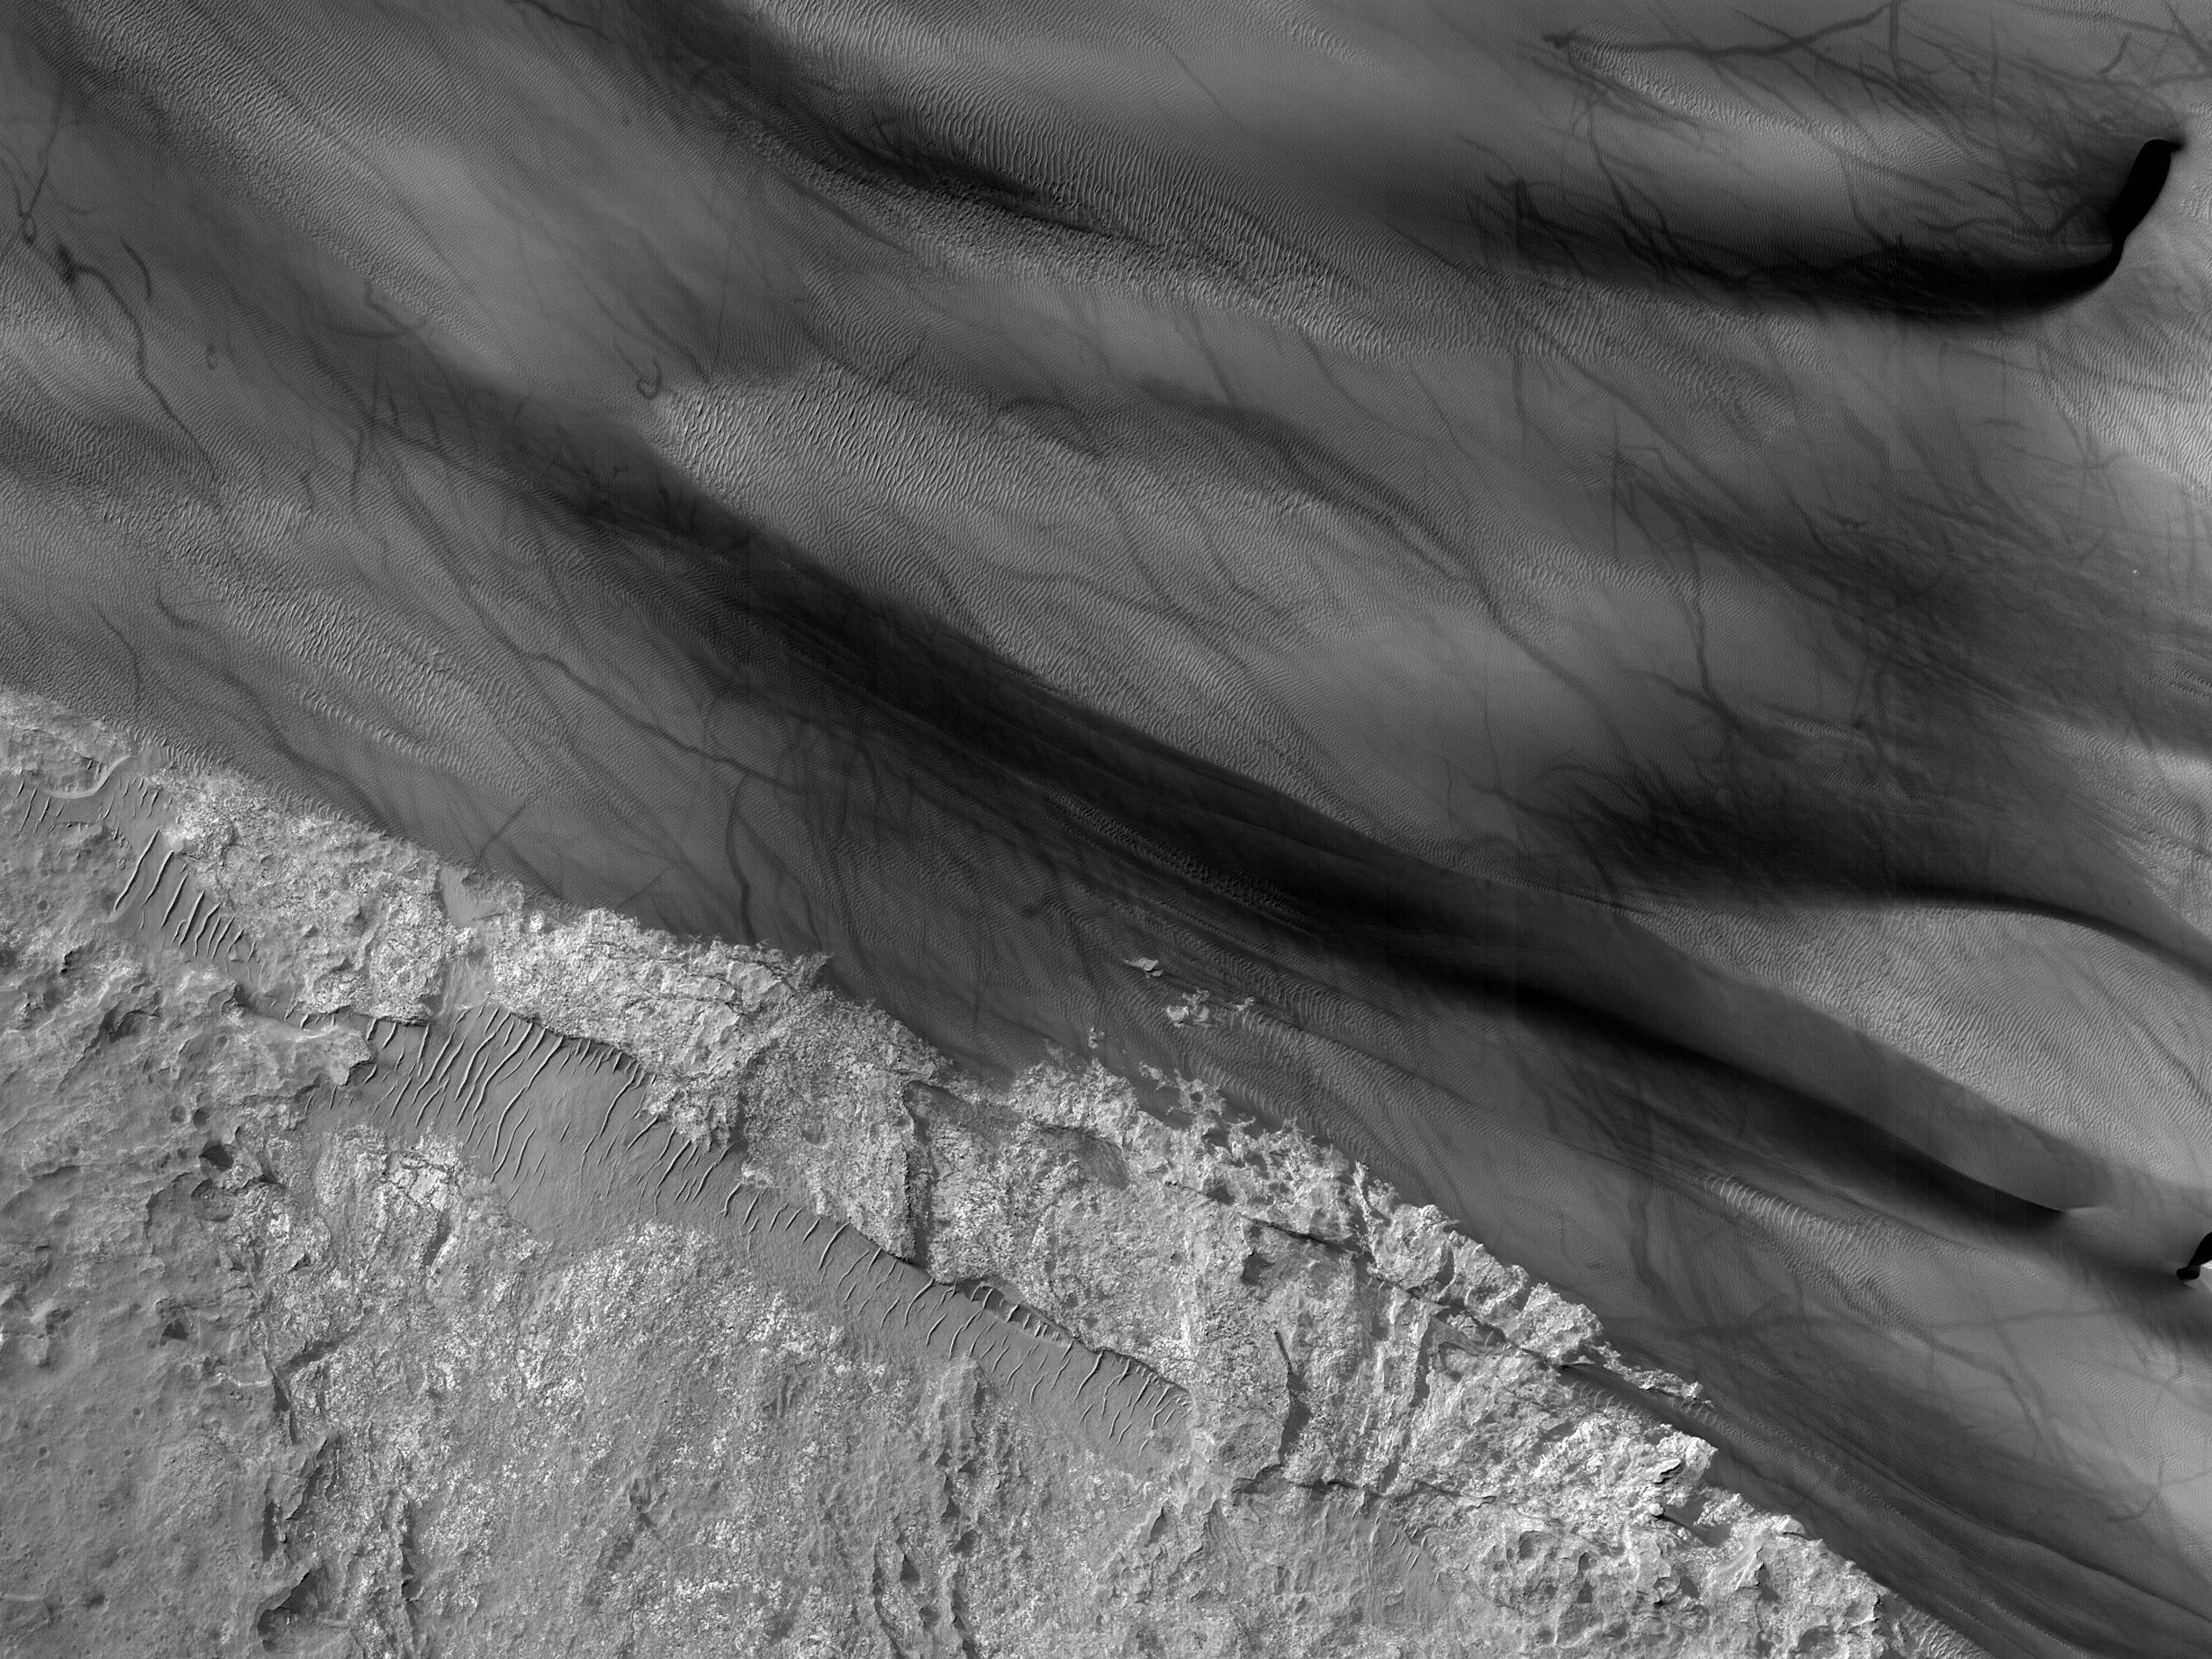 Переход от скального покрова к песчаному